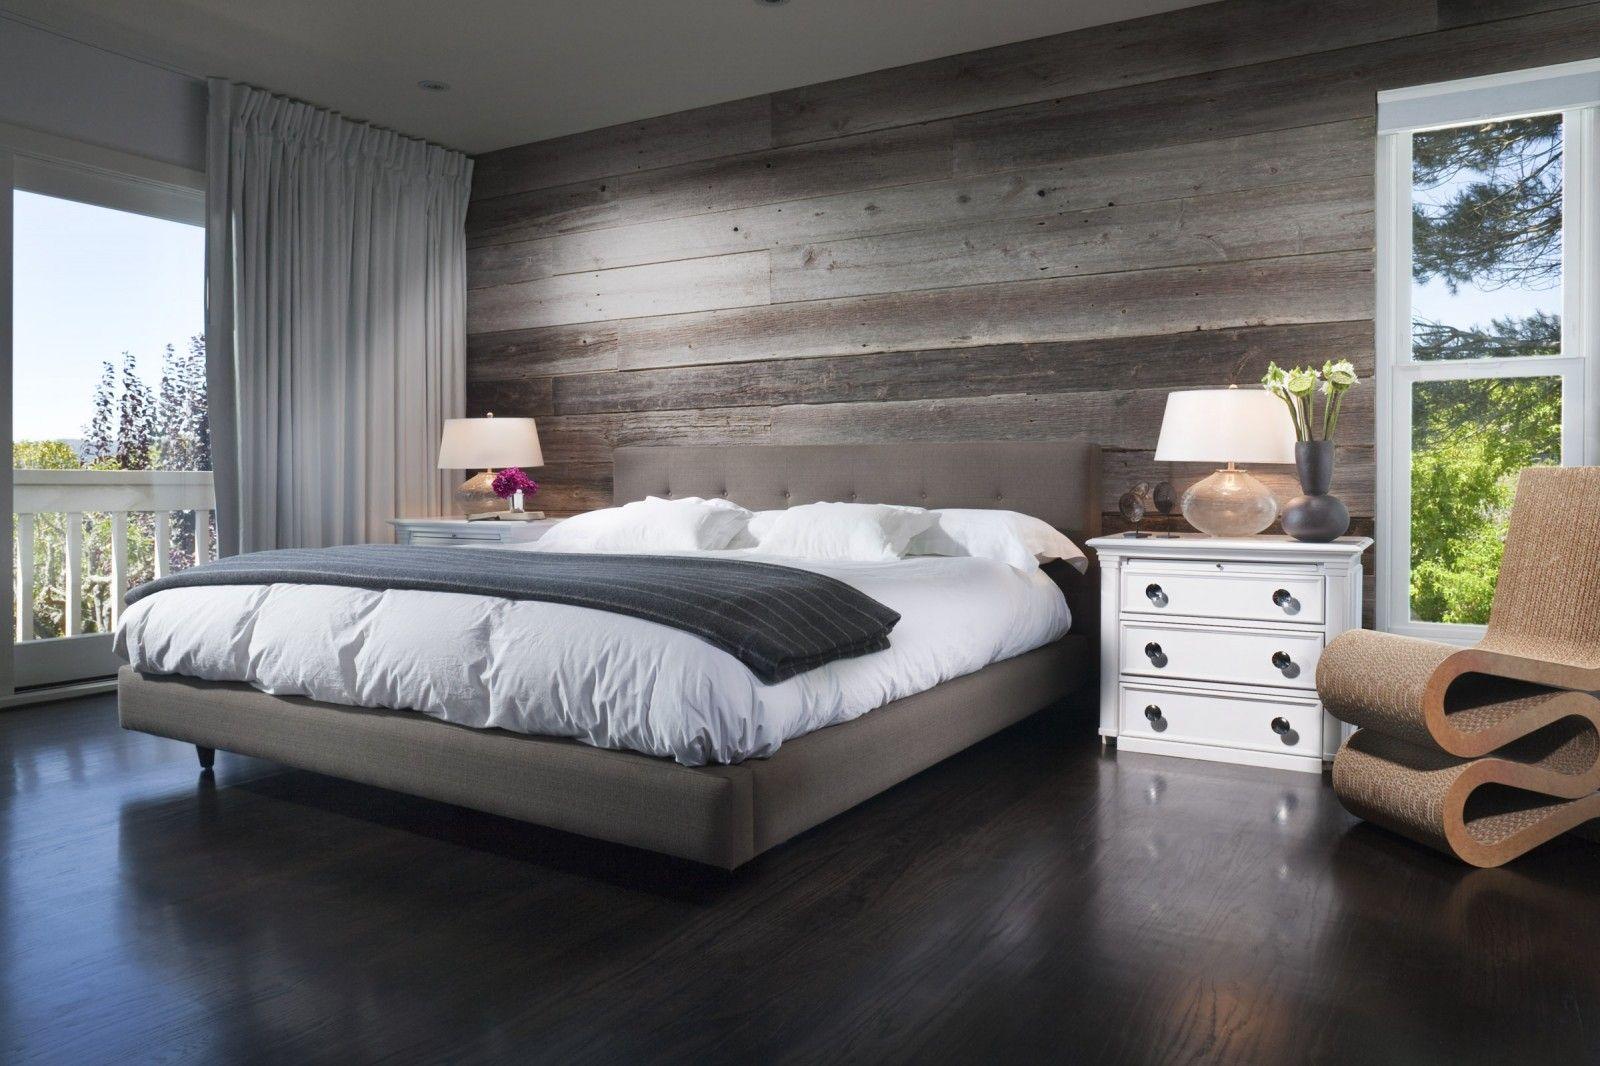 Schlafzimmer Le bois de grange la solution pour le protéger et l entretenir